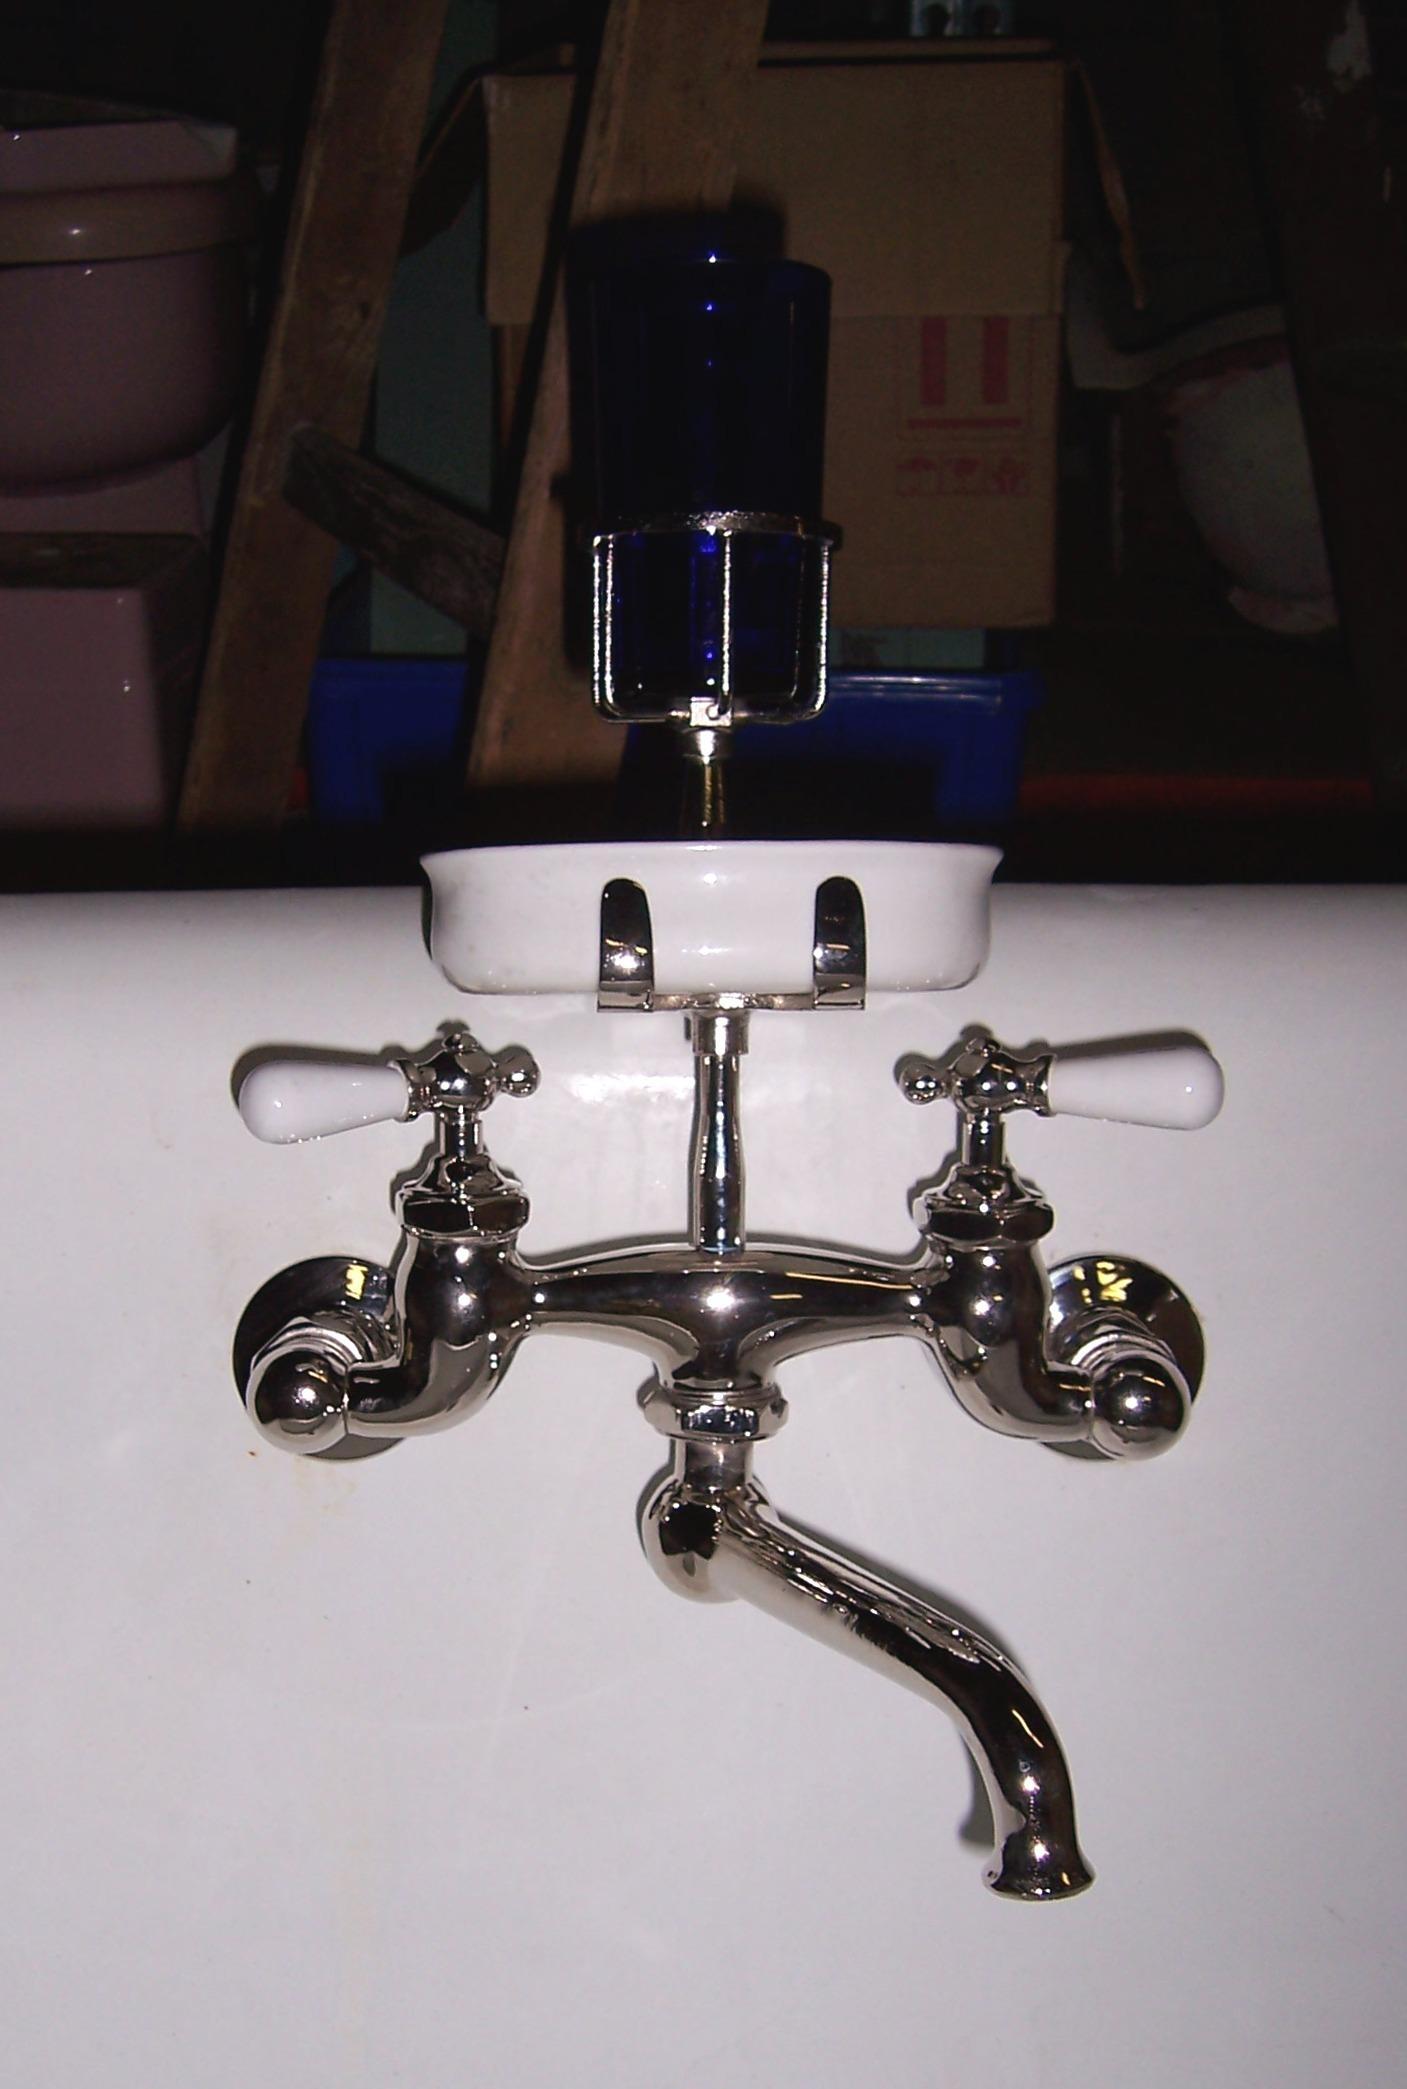 Plumbing Fixtures Plumbing Parts Vintage Plumbing